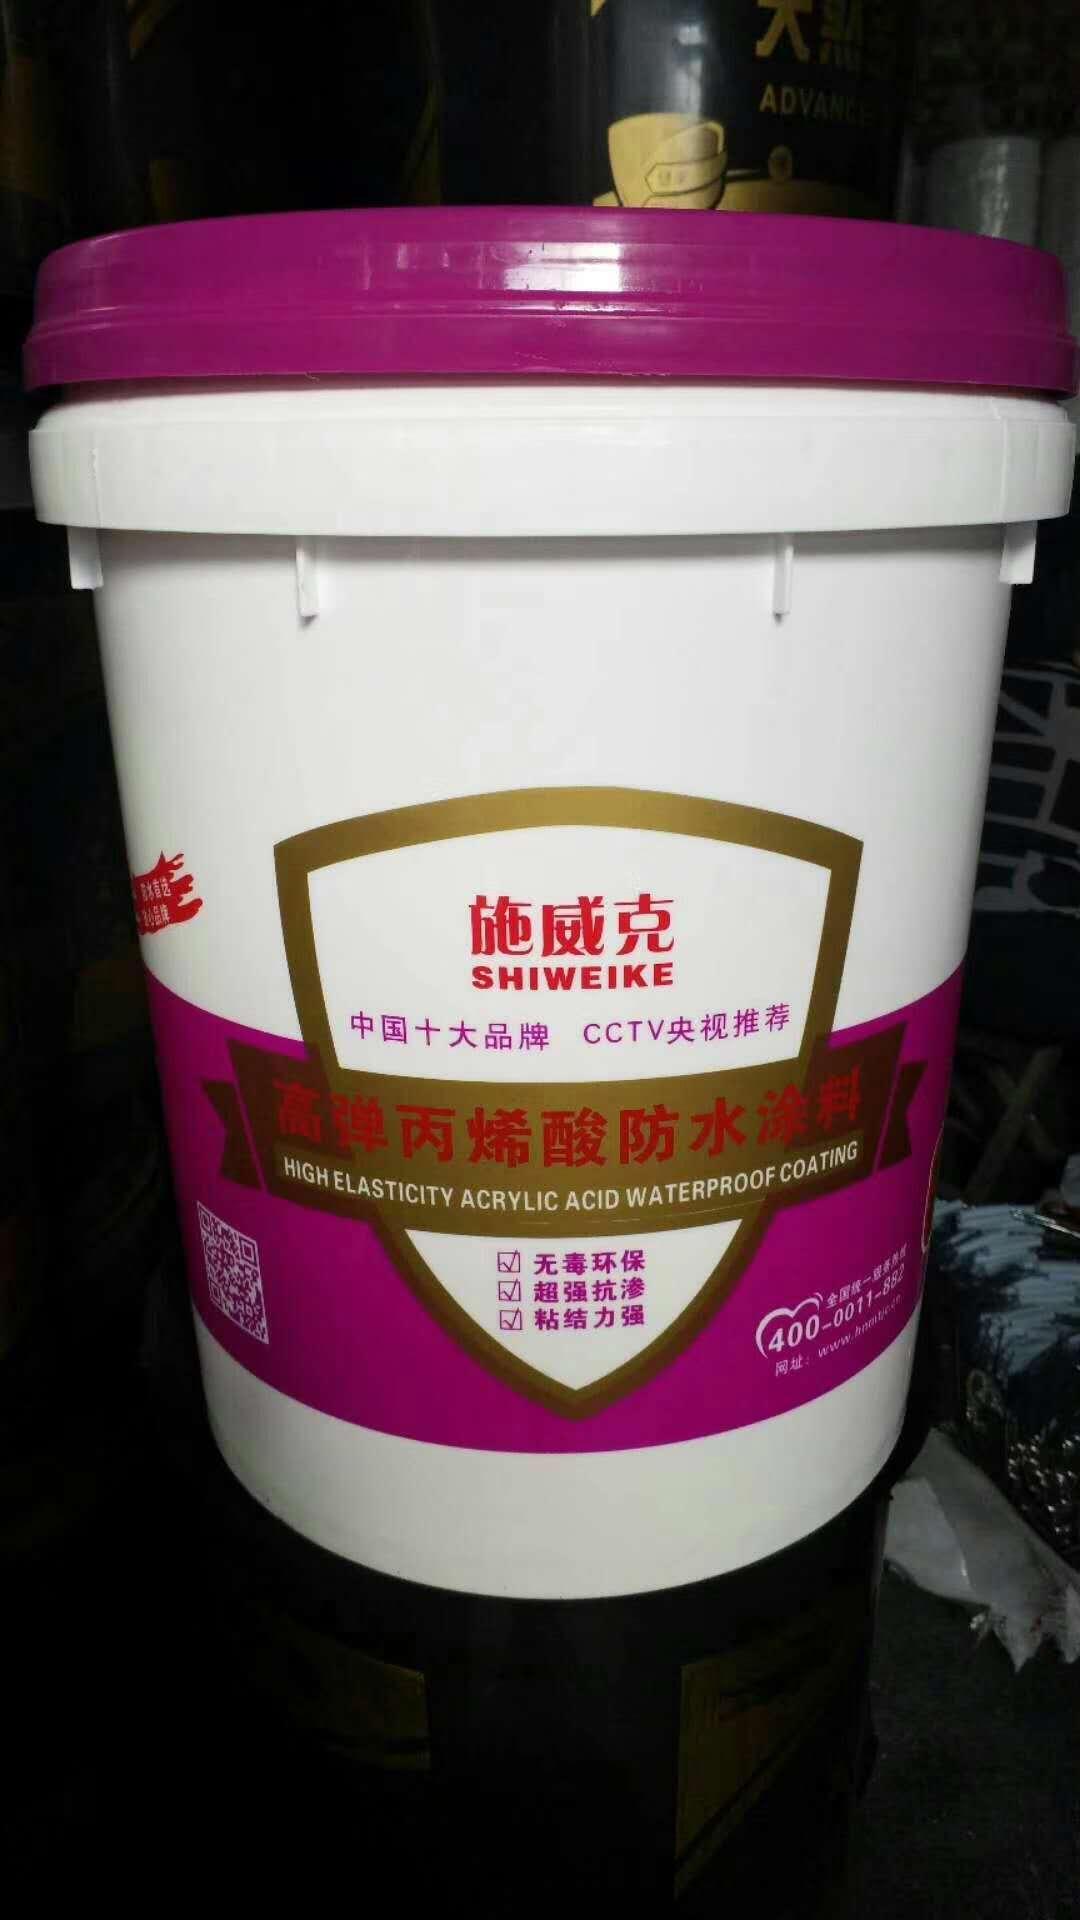 襄阳彩钢瓦首选品牌施威克丙烯酸优质防水